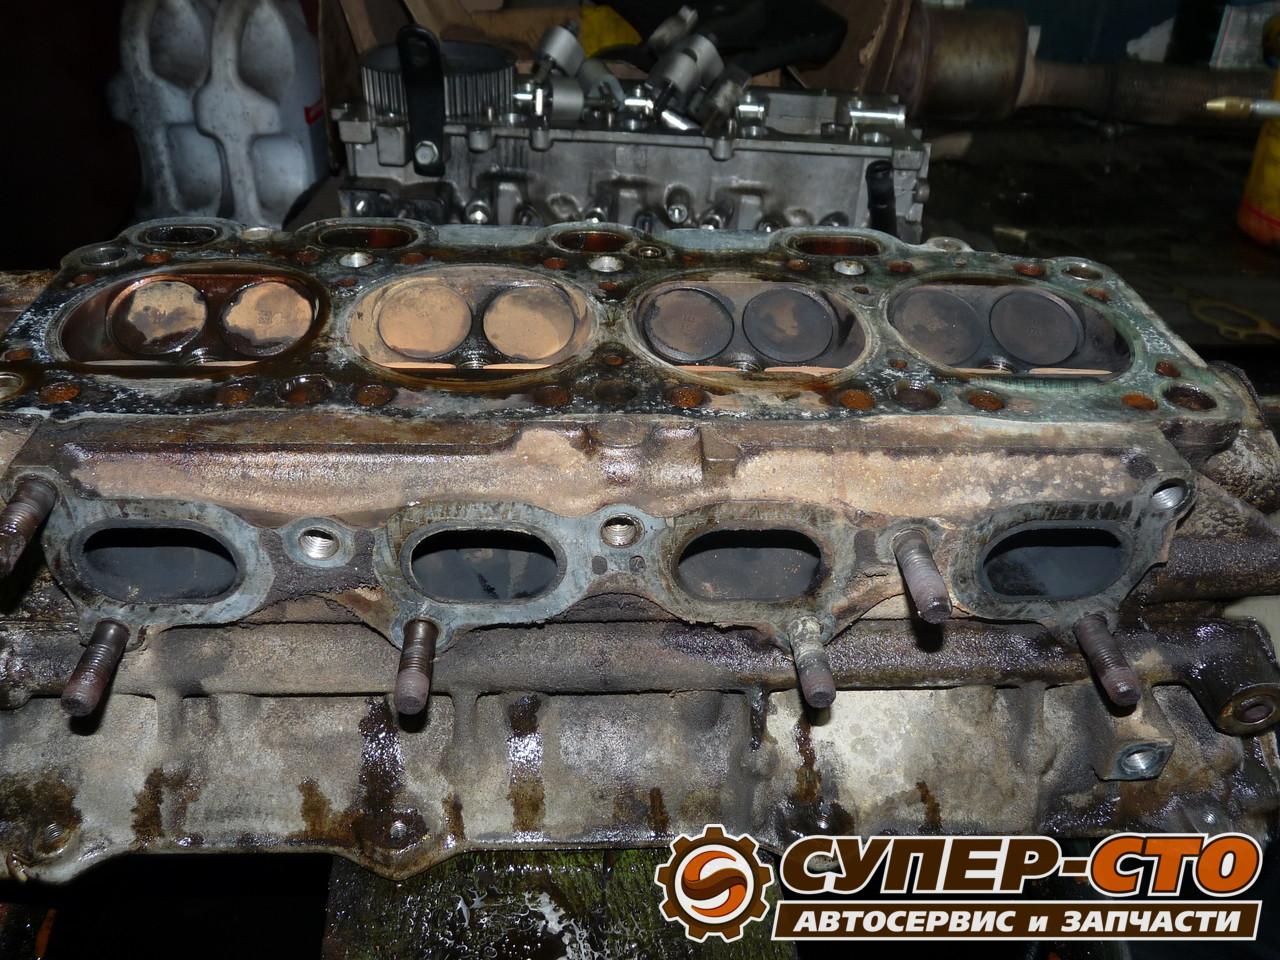 Замена гидрокомпенсаторов на 405 двигателе своими руками 21